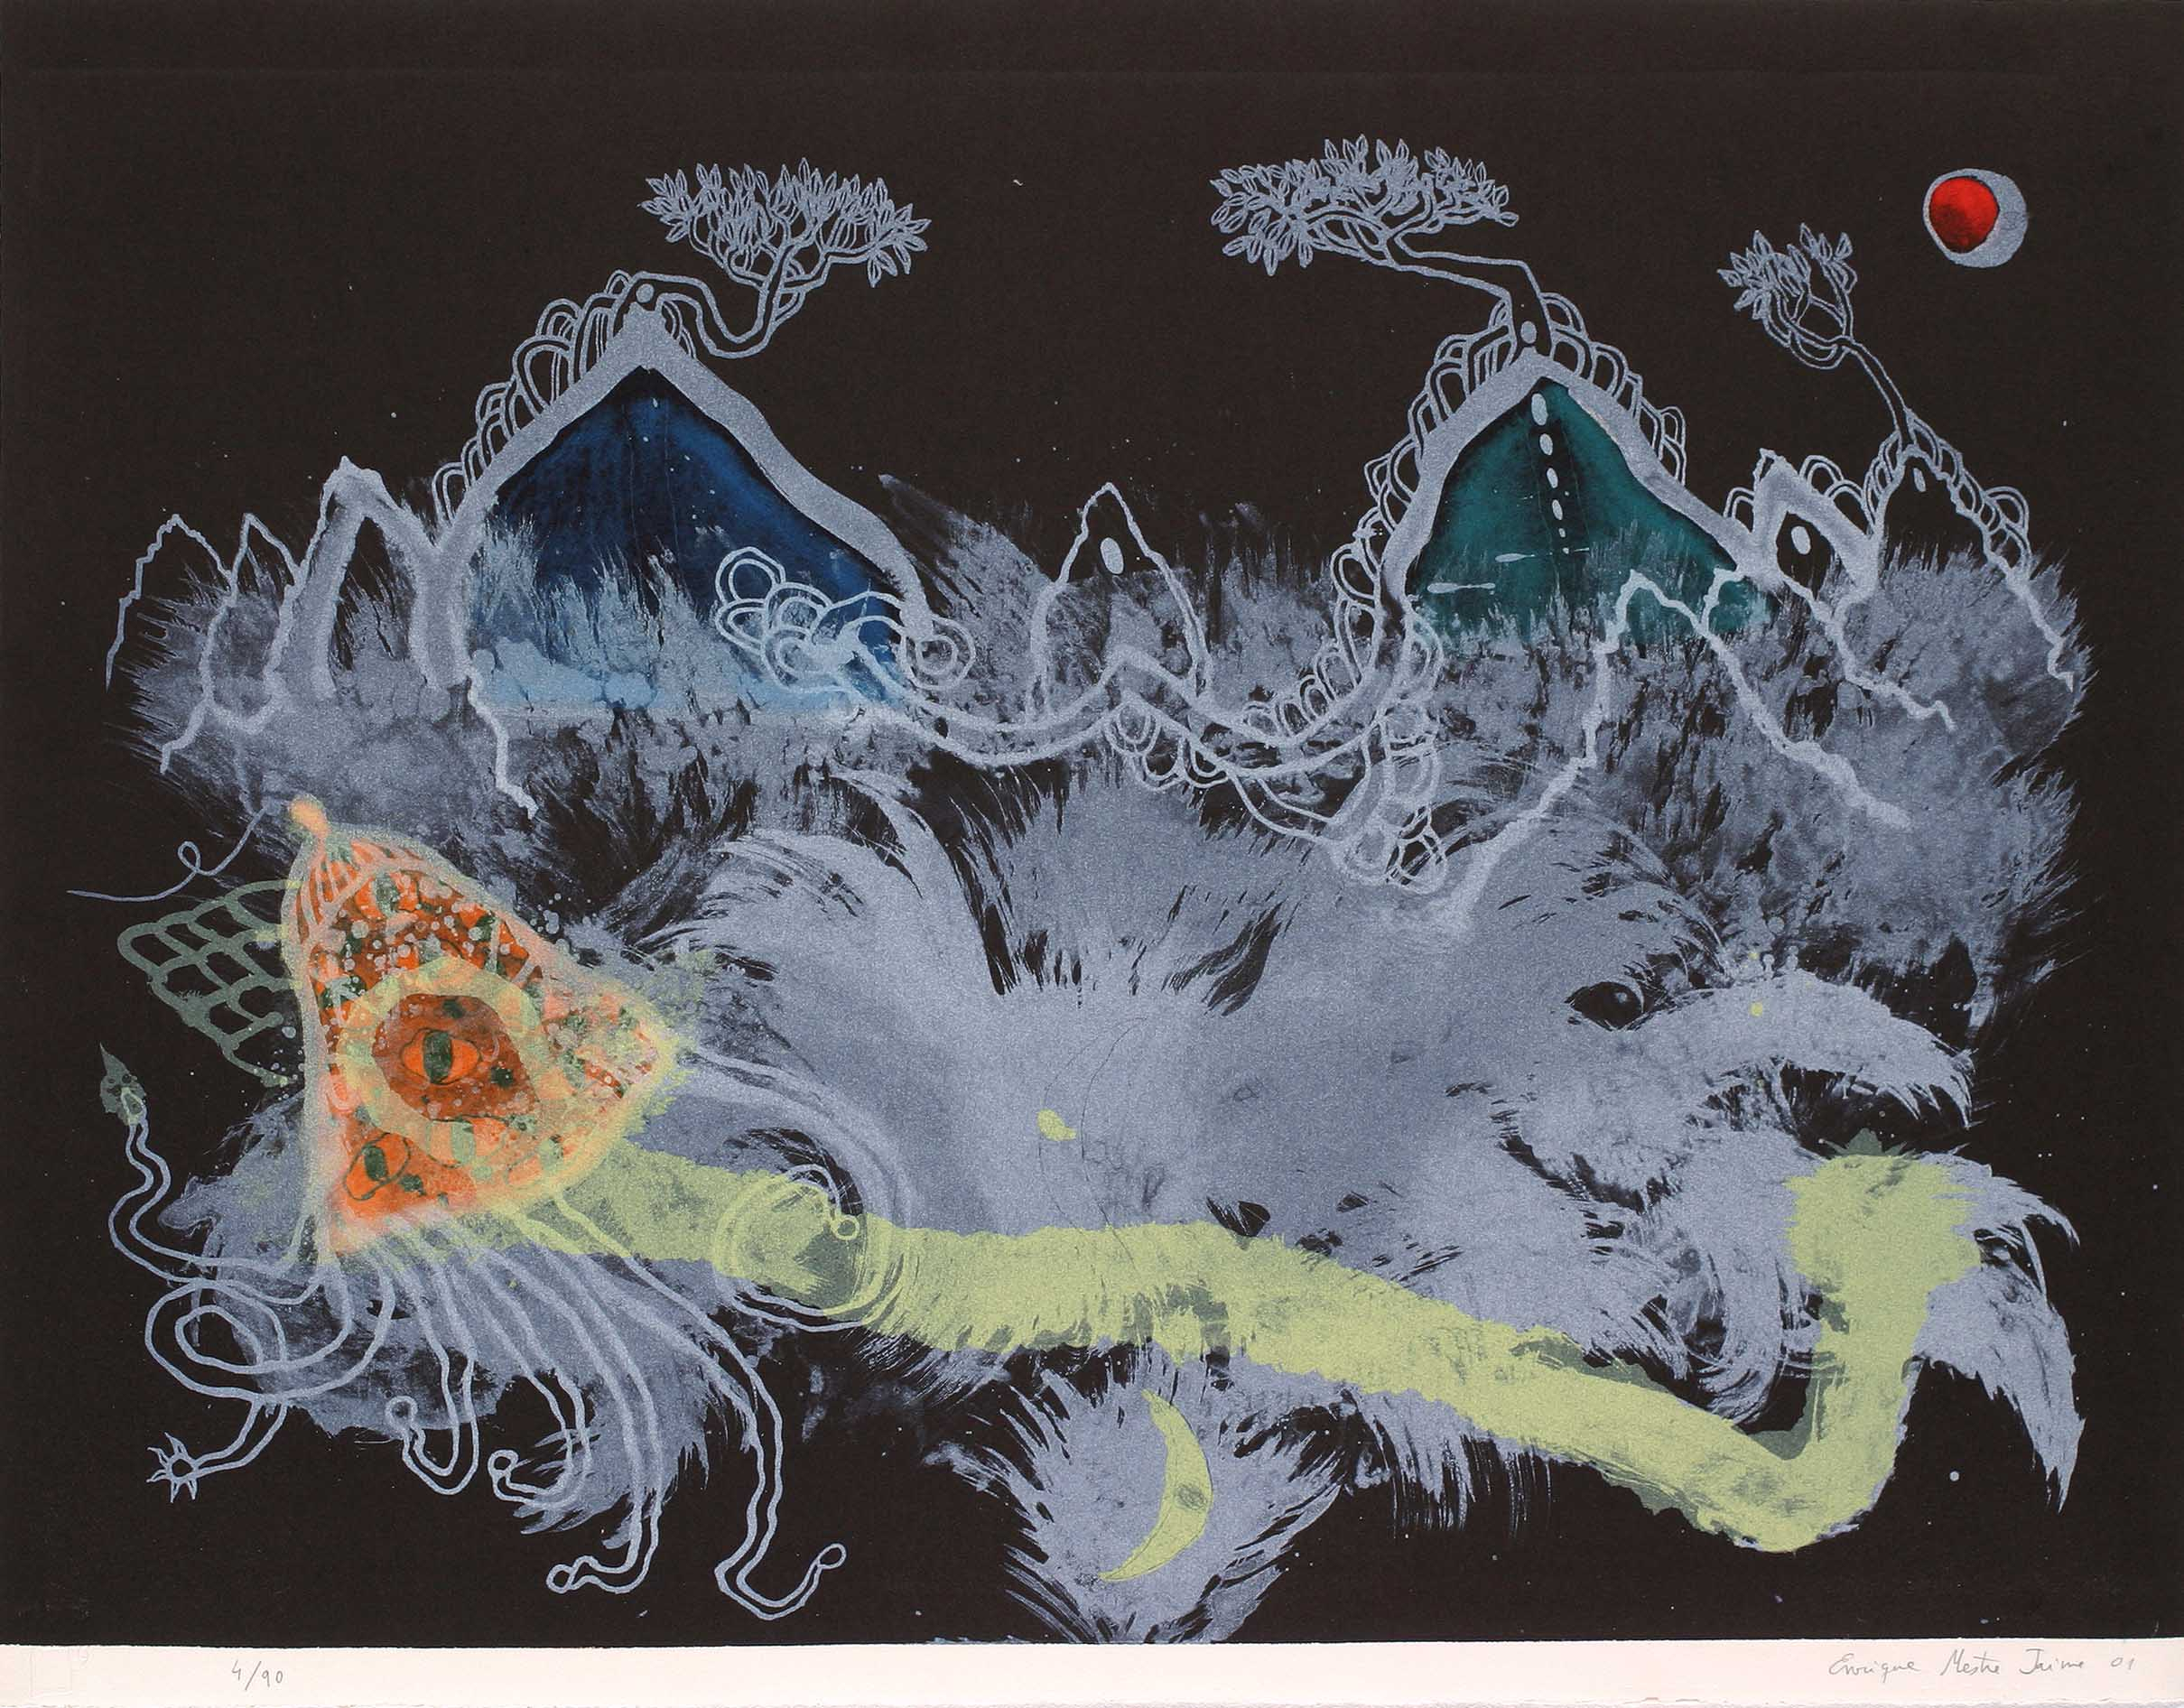 La-noche-Caribe-quiere-ser-medusa.2001.-Litografía-en-piedra-a-8-tintas.-63-x-81-cm.-Edición-de-90-ejemplares-.-.